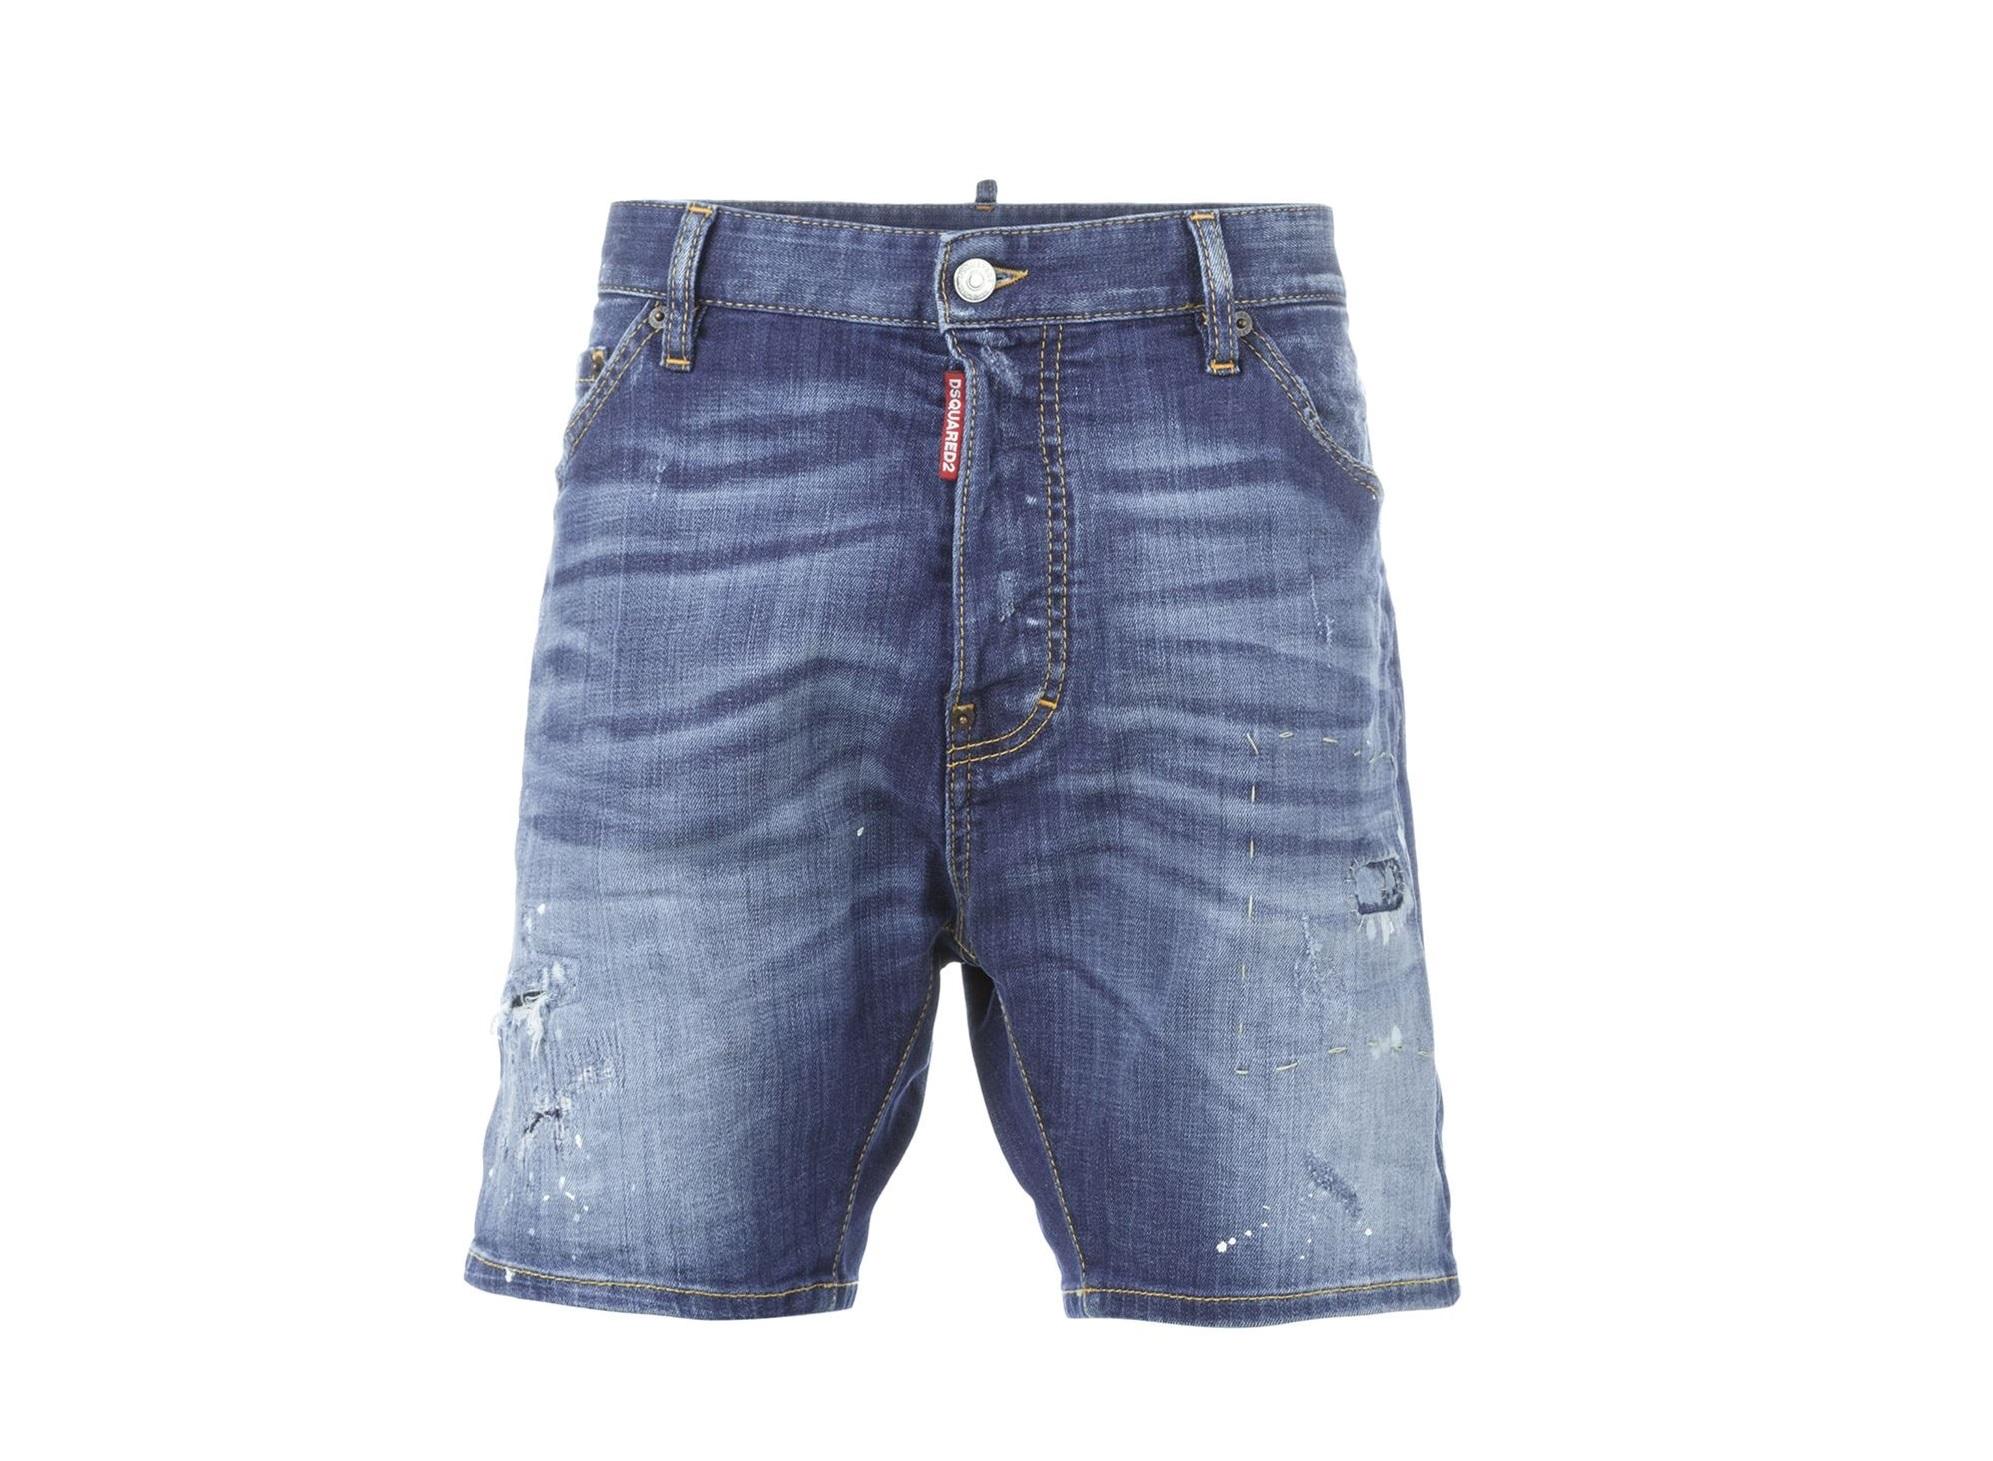 ハイブランド夏ファッションアイテム (2)